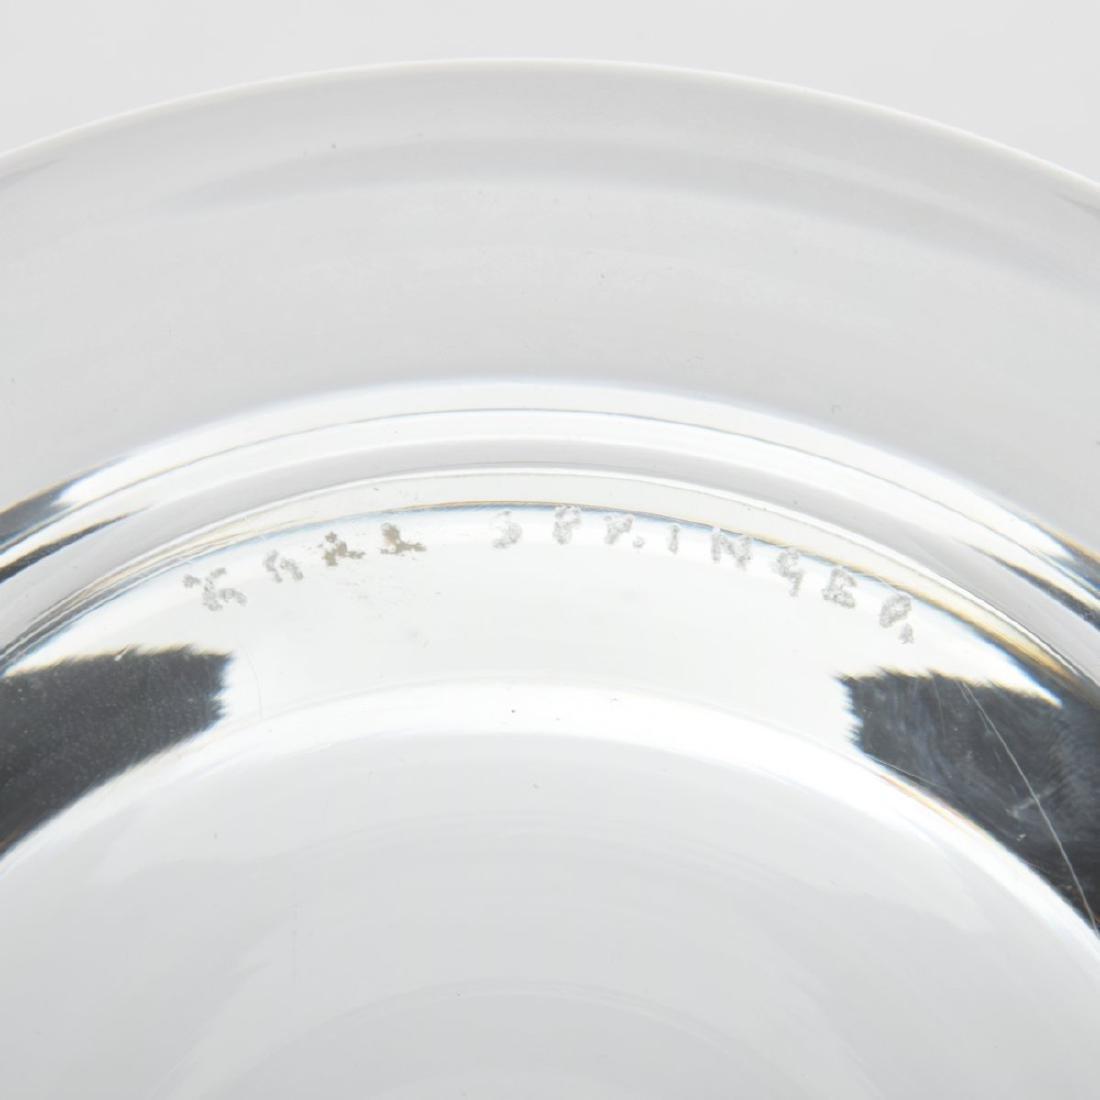 Large Karl Springer Bowl/Vessel - 5